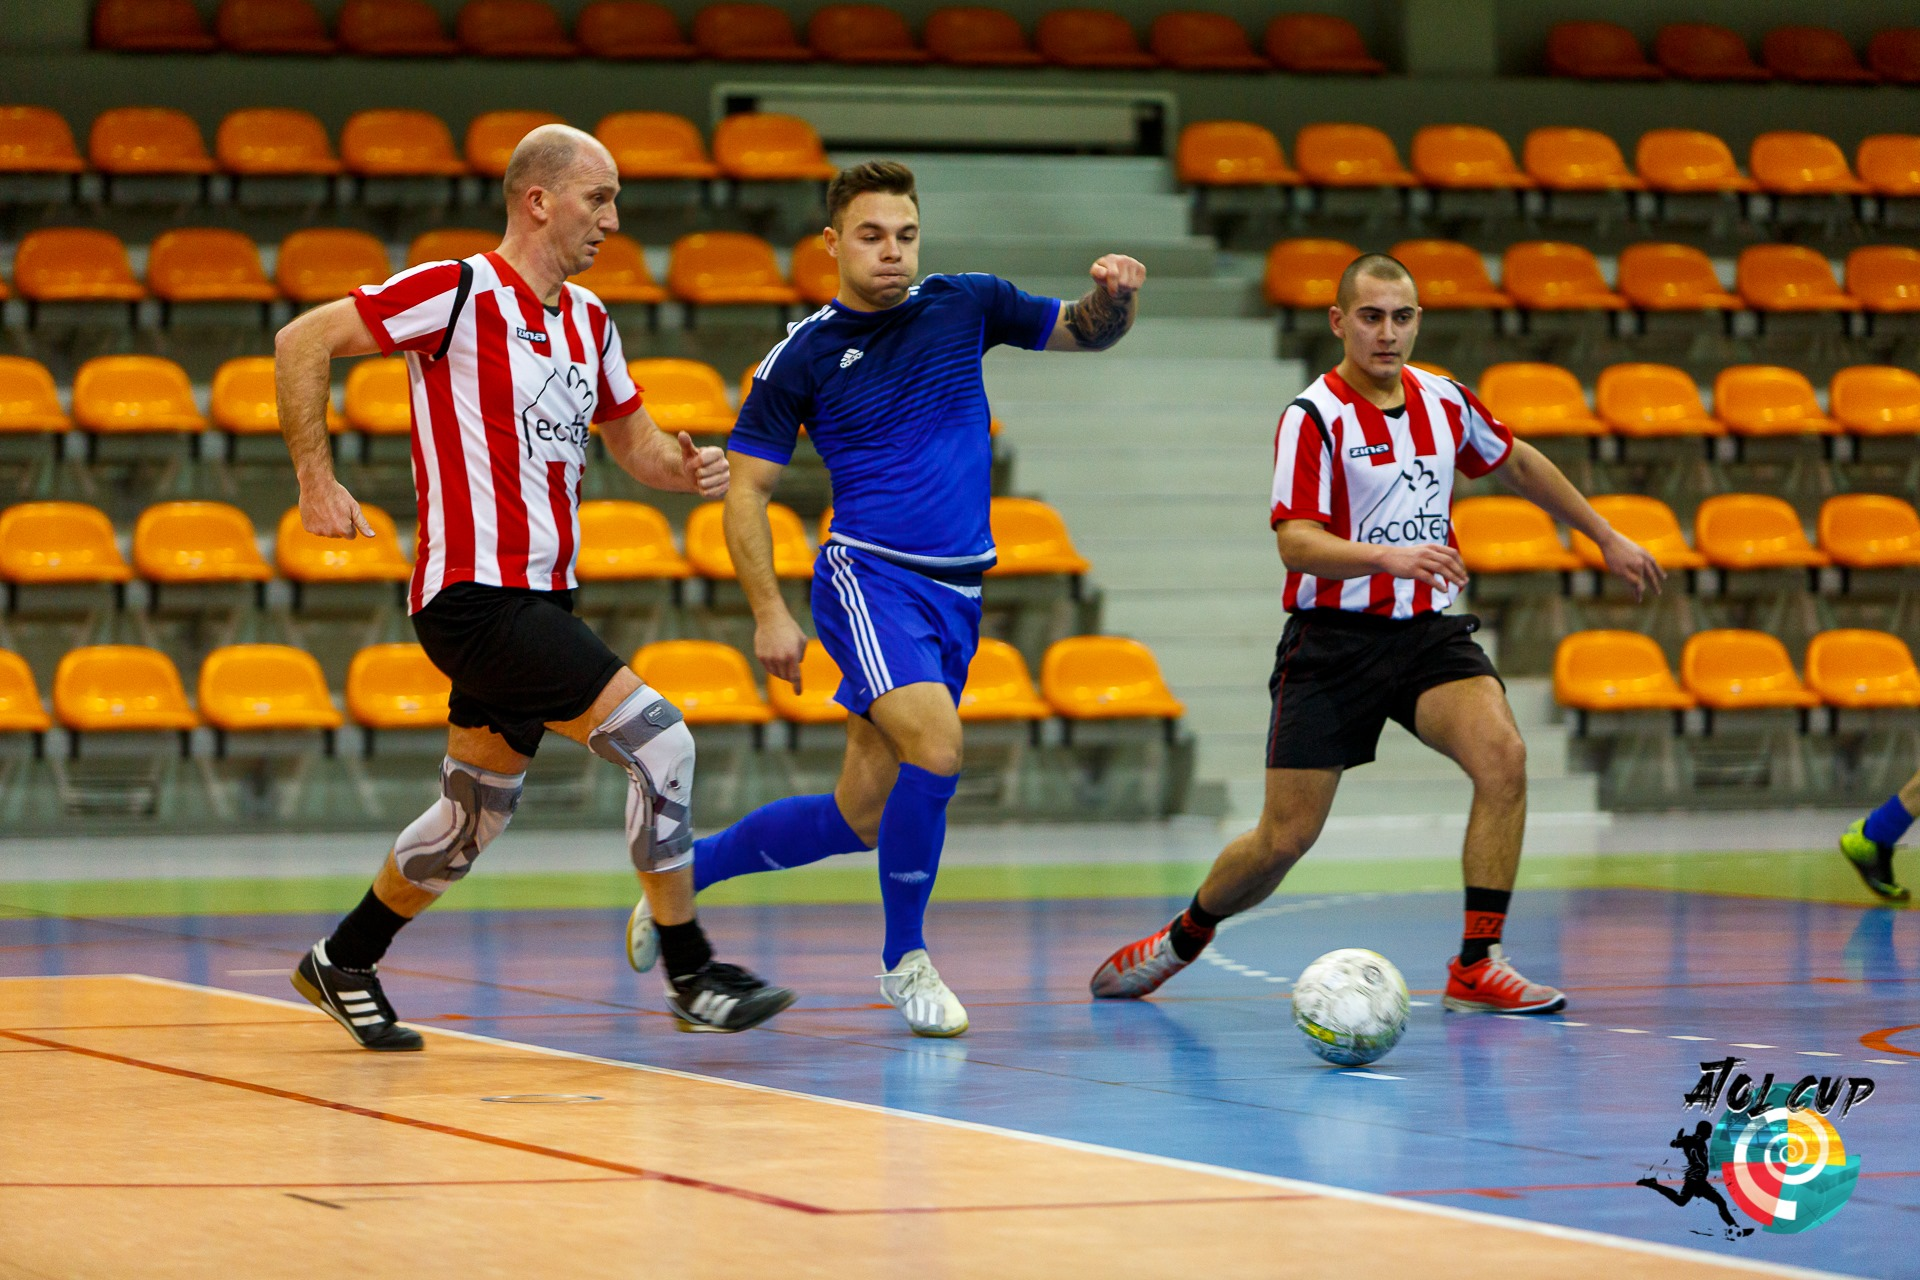 Zdjęcie ilustracyjne Atol Cup